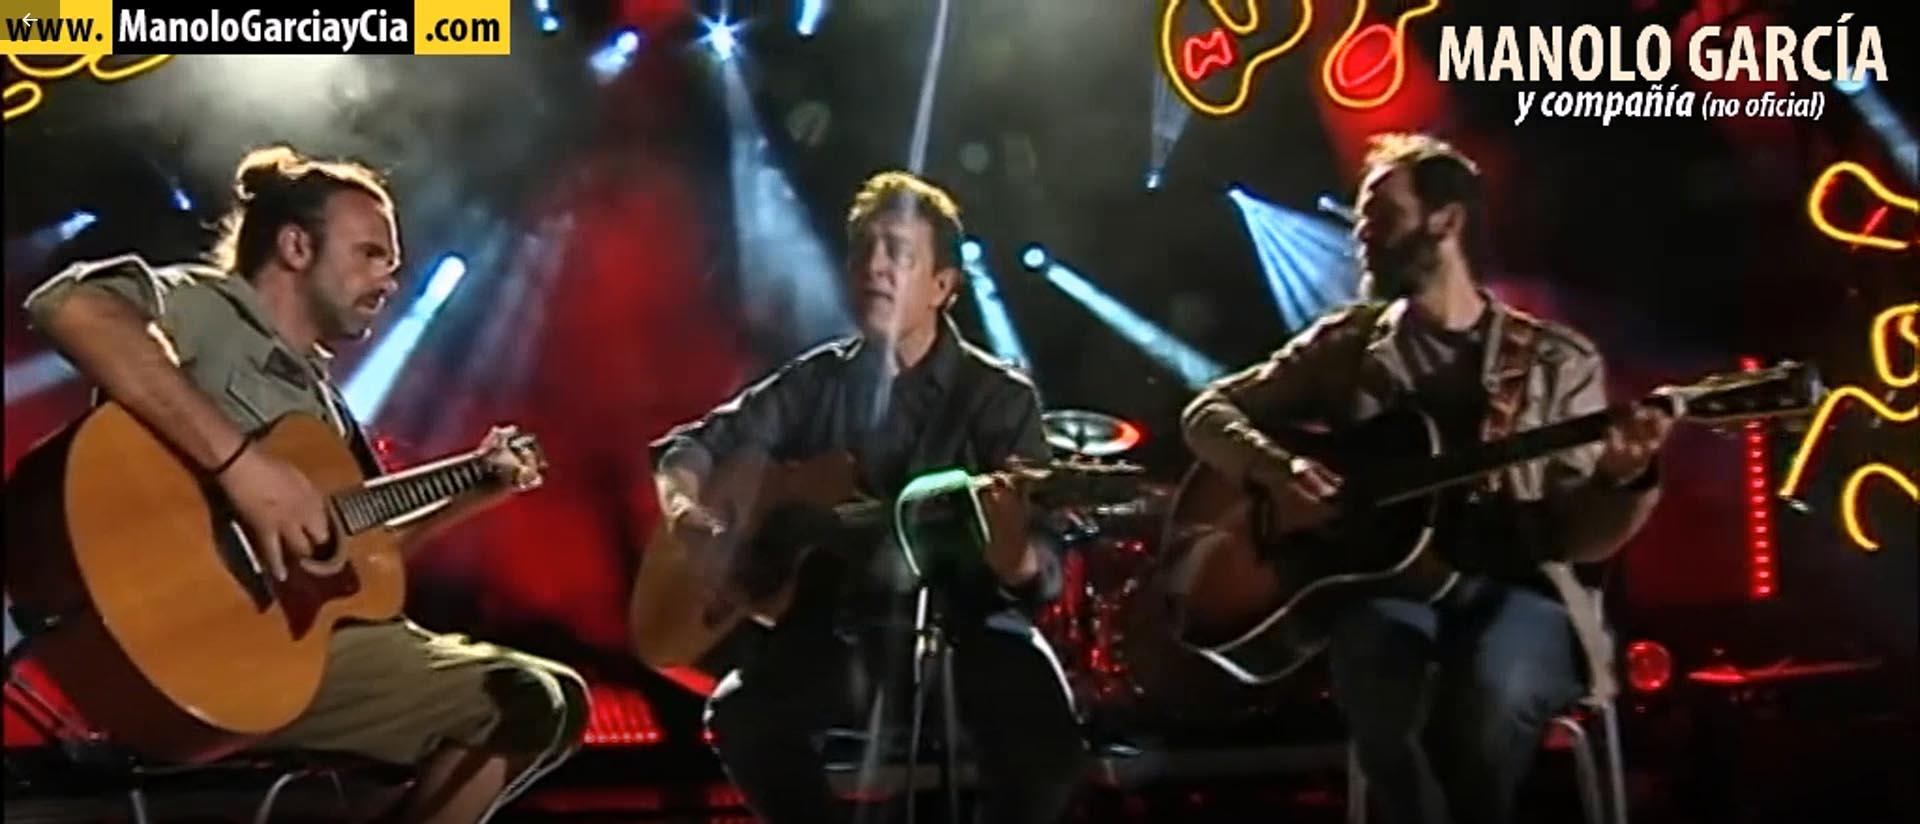 Vídeo Entrevista a Manolo García en Canal Sur, Noticias 19/4/2018